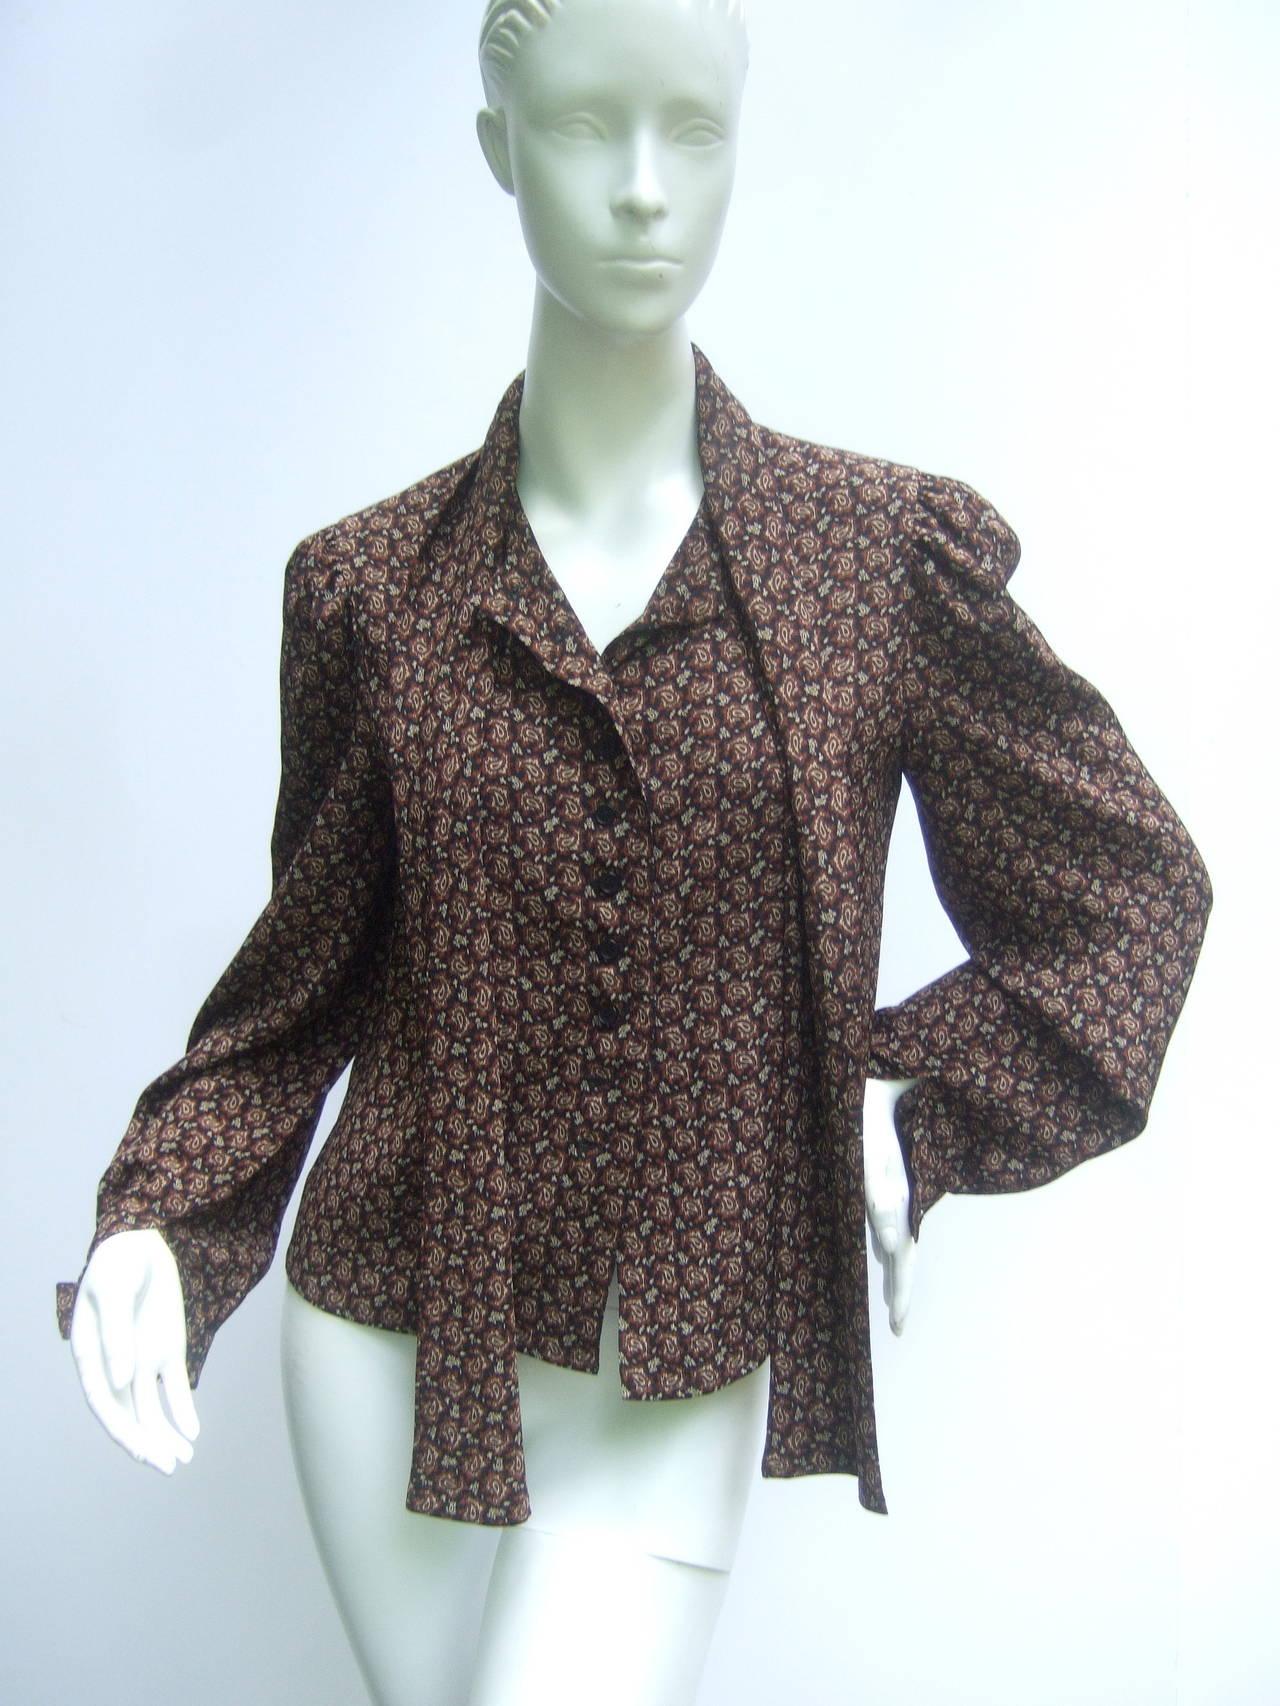 Women's Lanvin Couture Paris Wool Jacket & Paisley Blouse Ensemble c 1980s For Sale